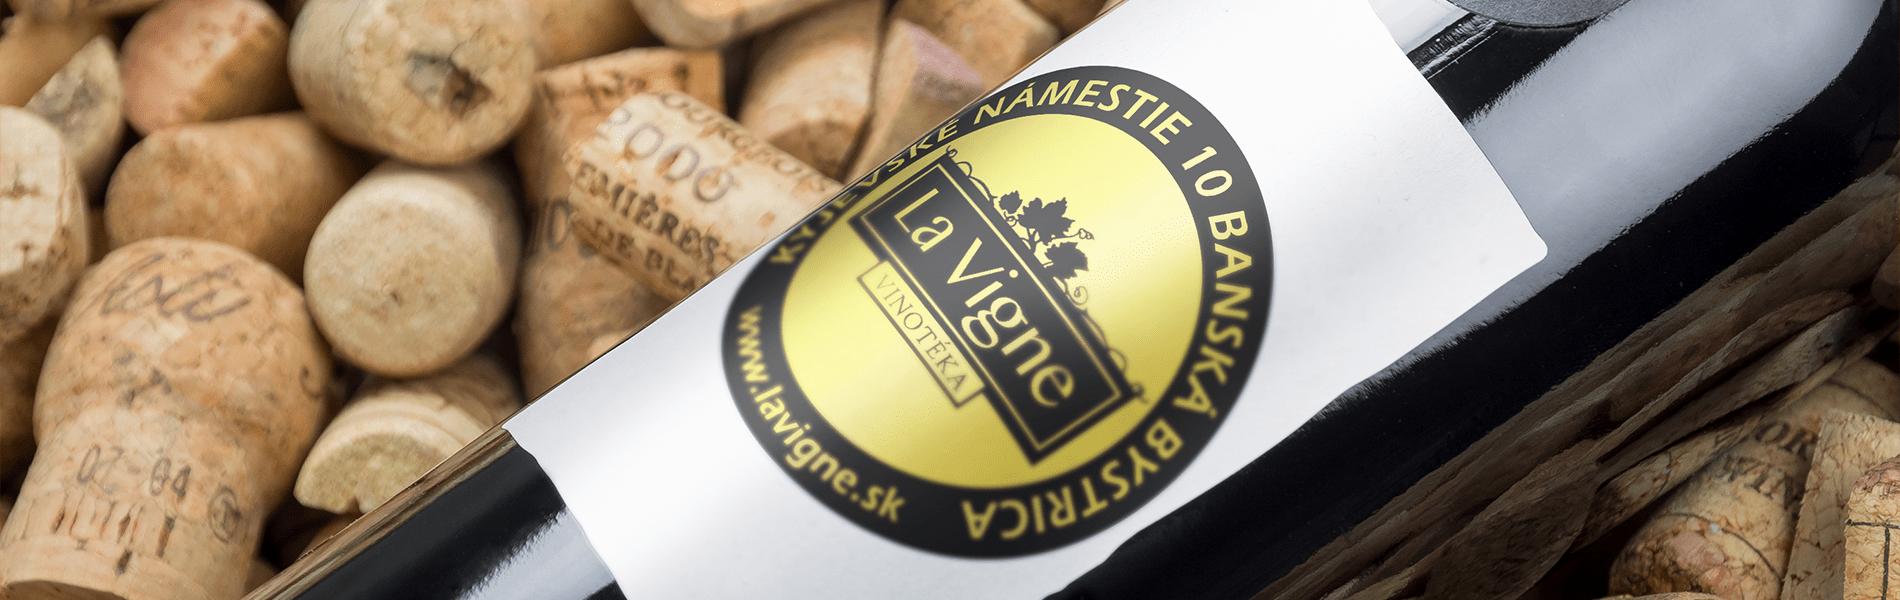 Grafický návrh etikety s logom La Vigne na fľaške vína